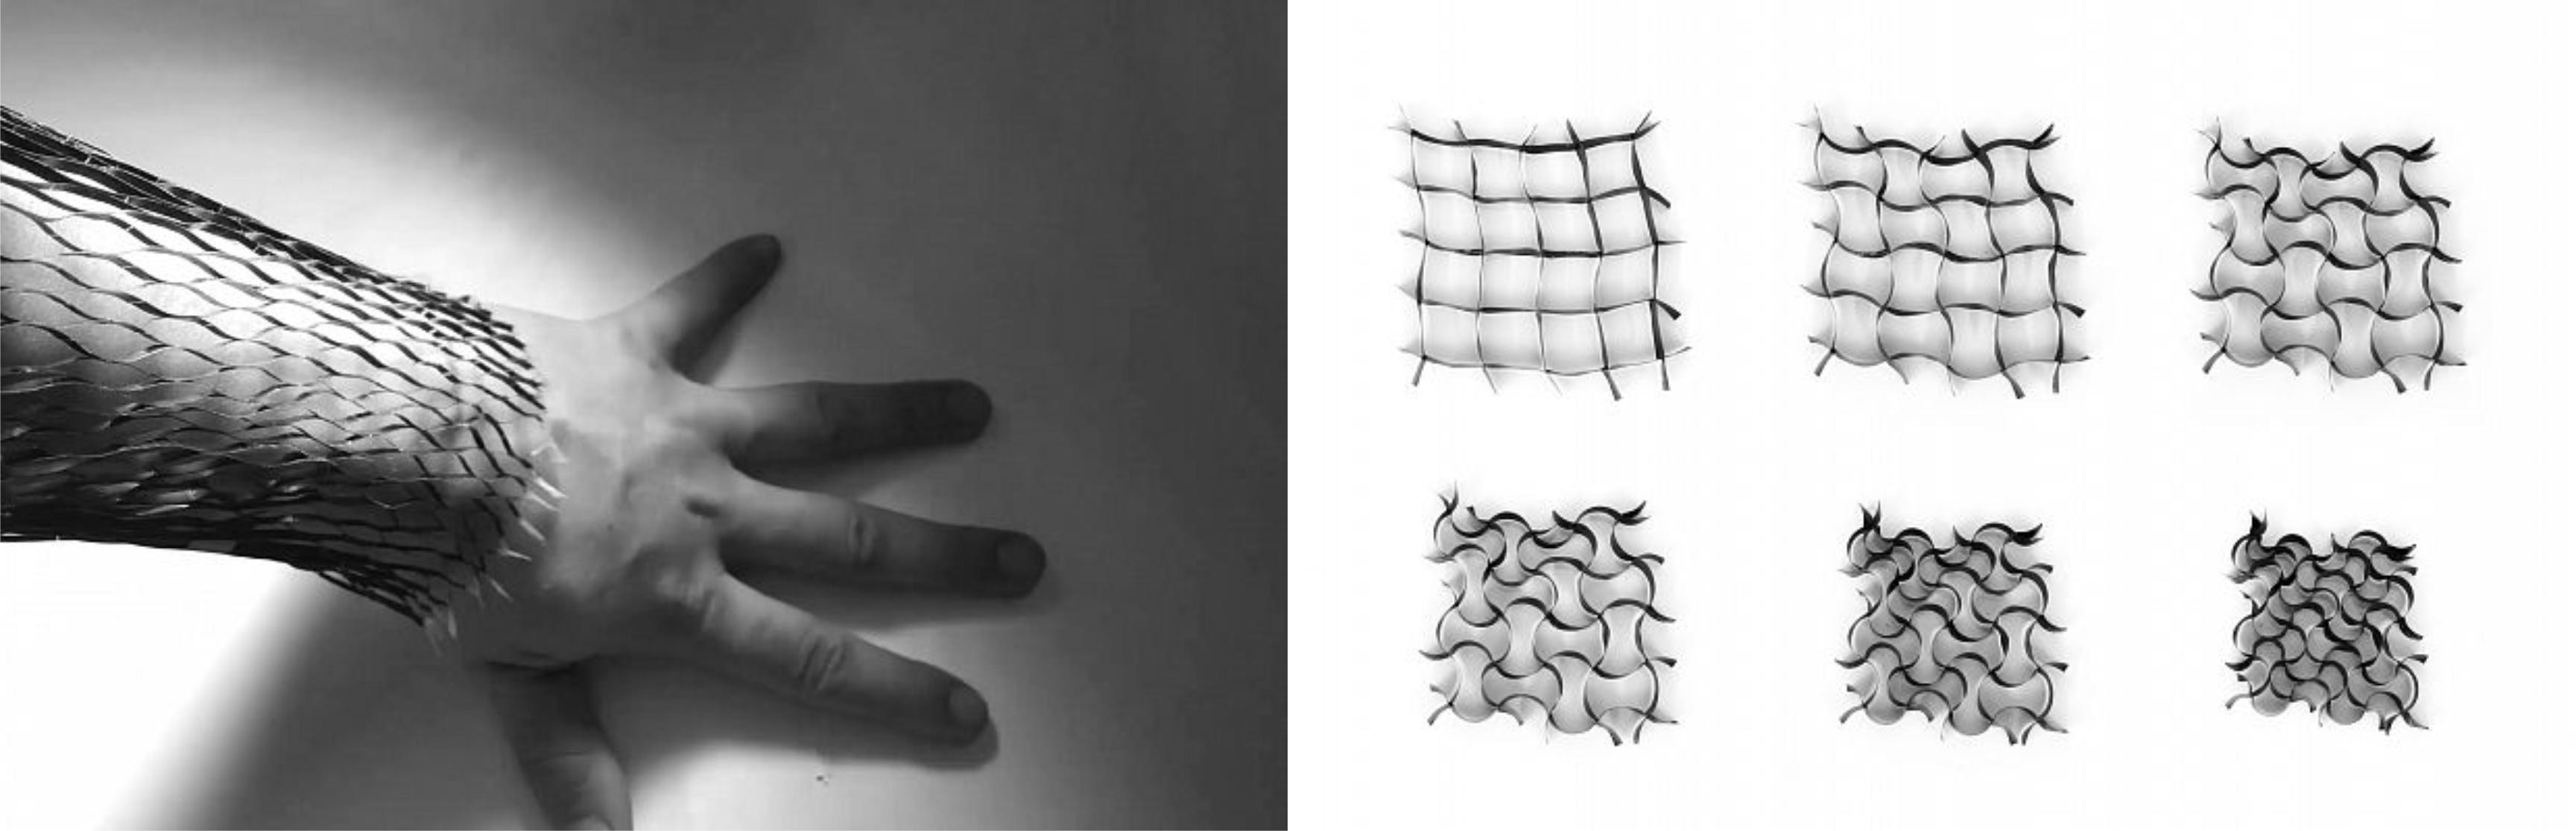 Разработки MIT. Материал, который растягивается и сжимается при разной температуре.Источник: Archspeech